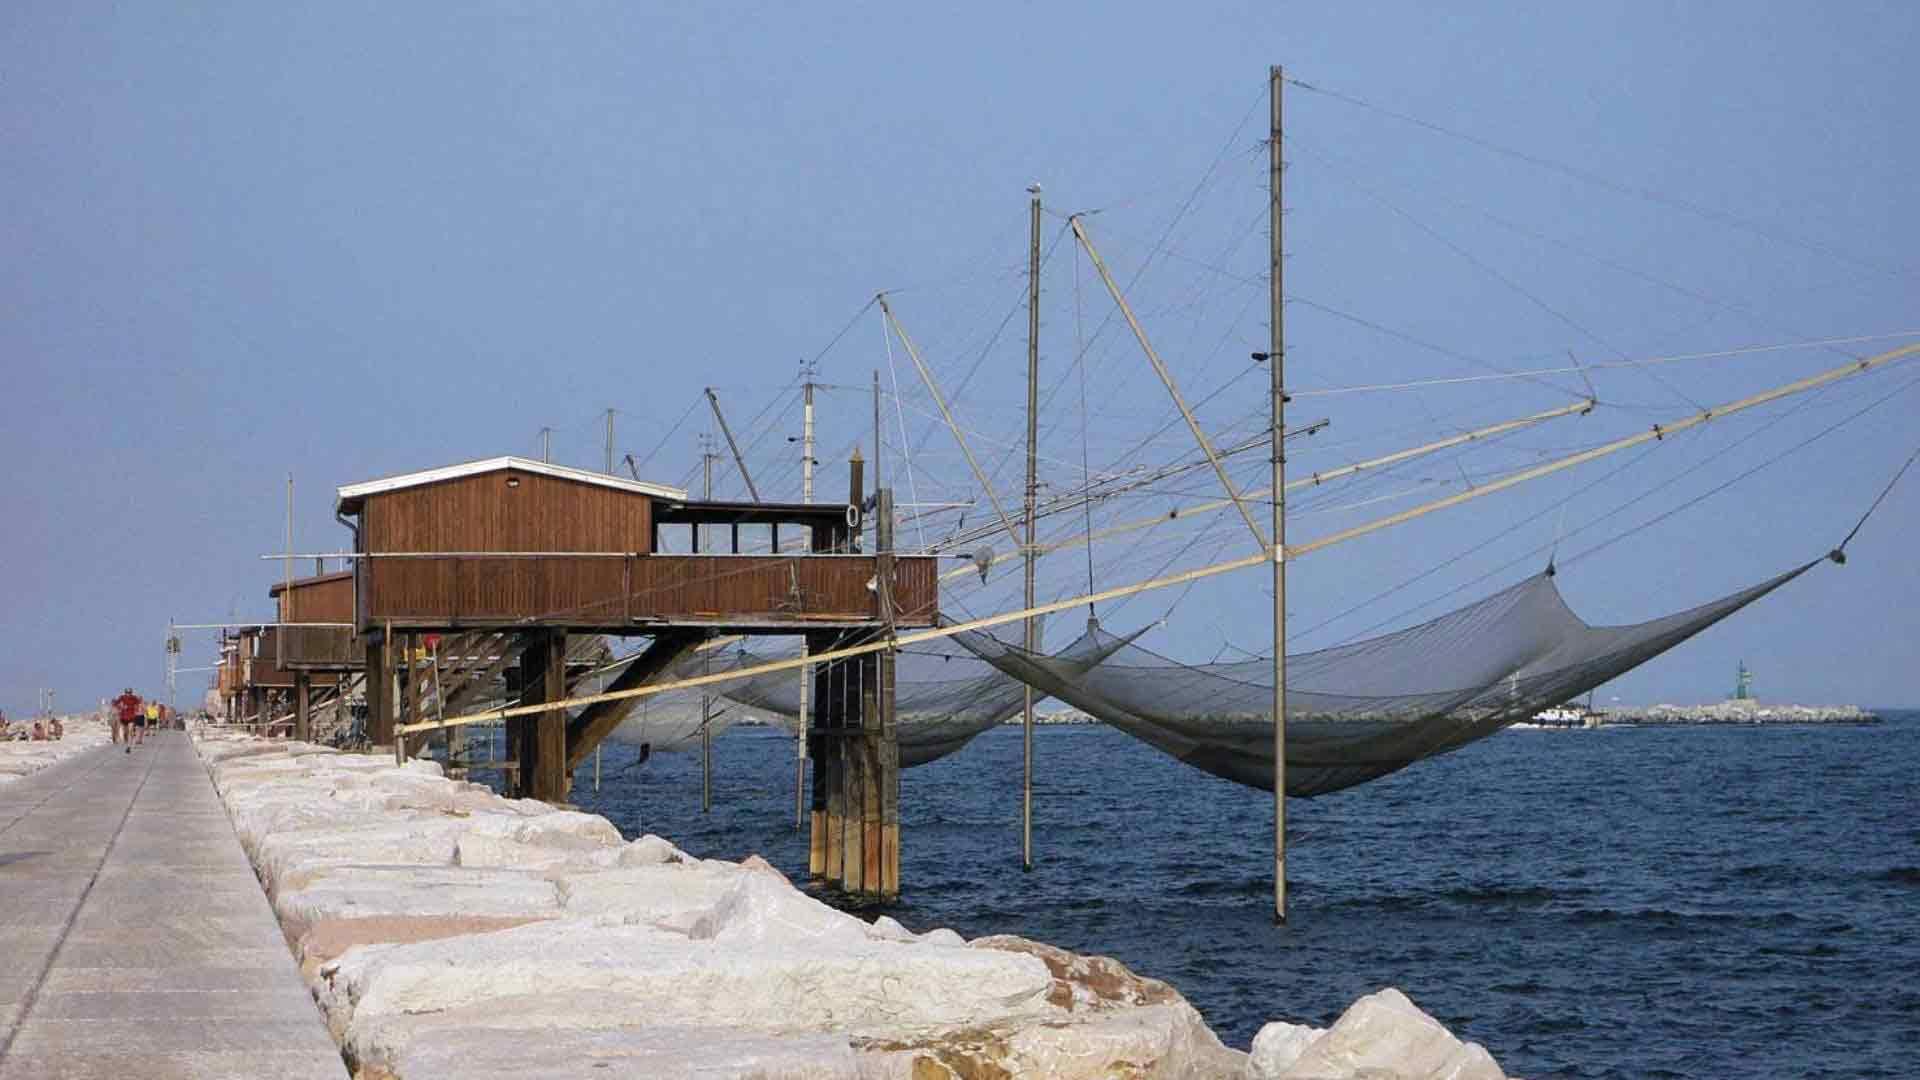 Sottomarina - La diga, i casoni con le reti da pesca